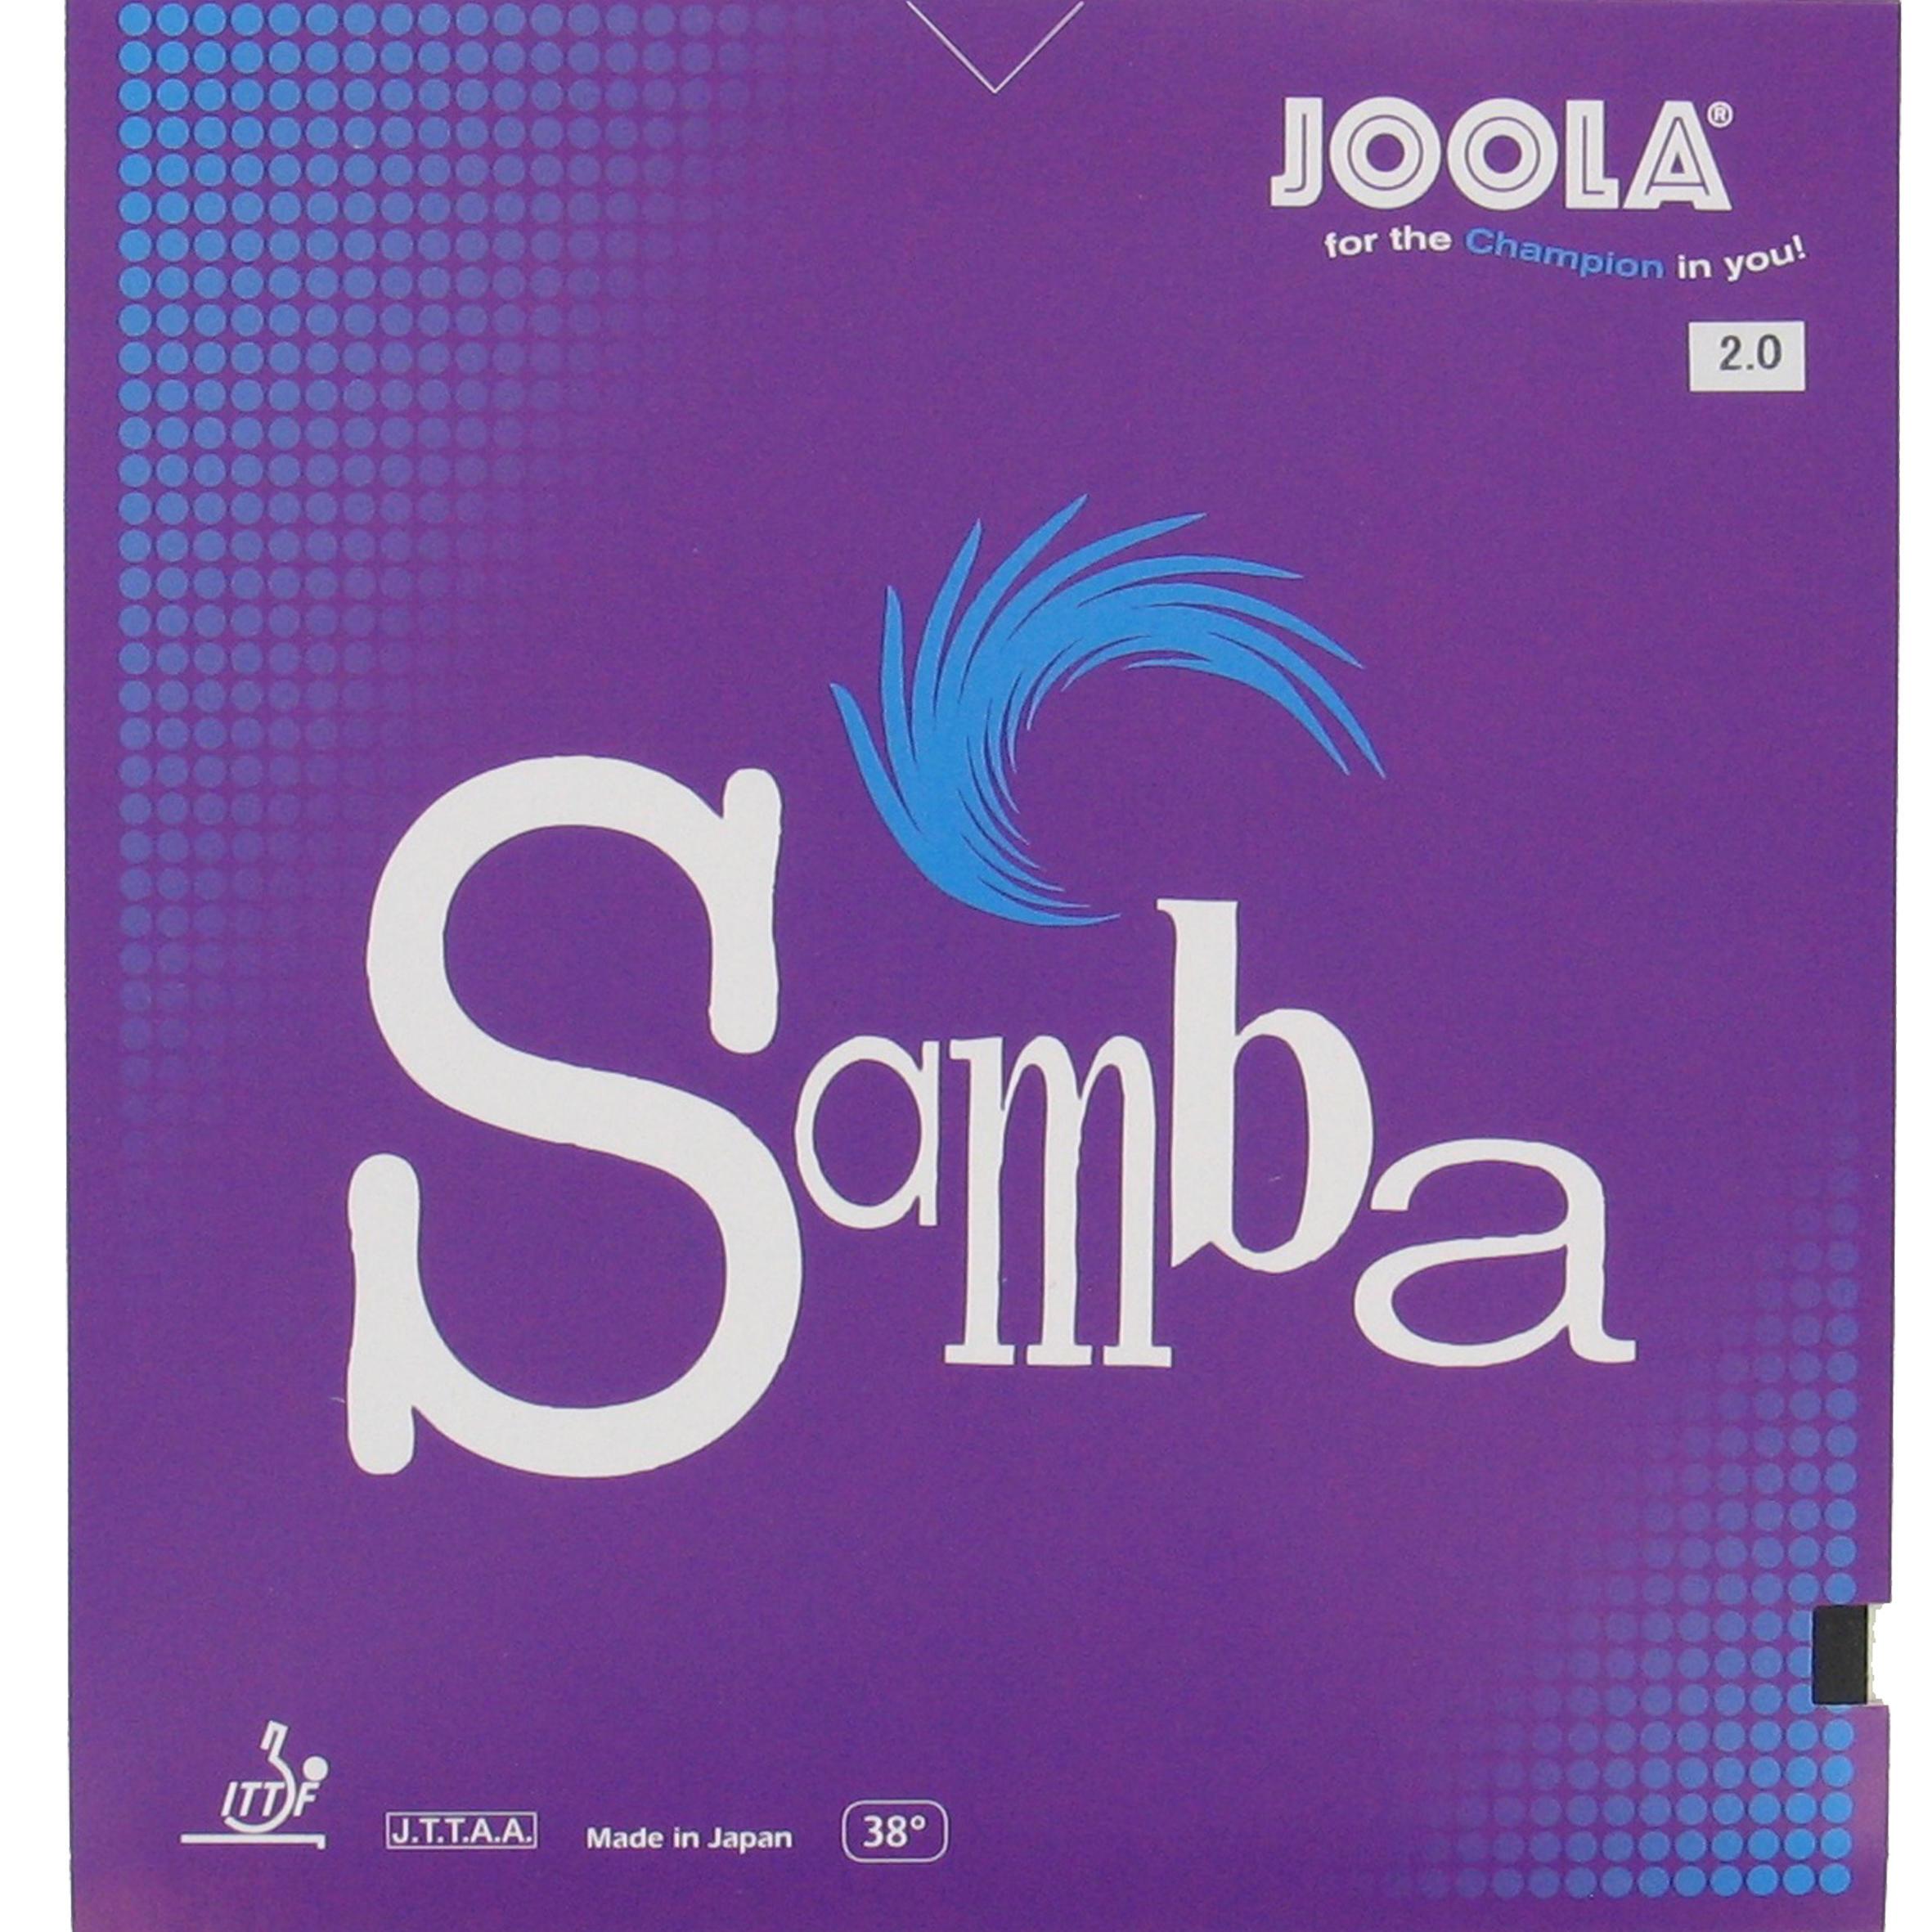 Față paletă SAMBA imagine